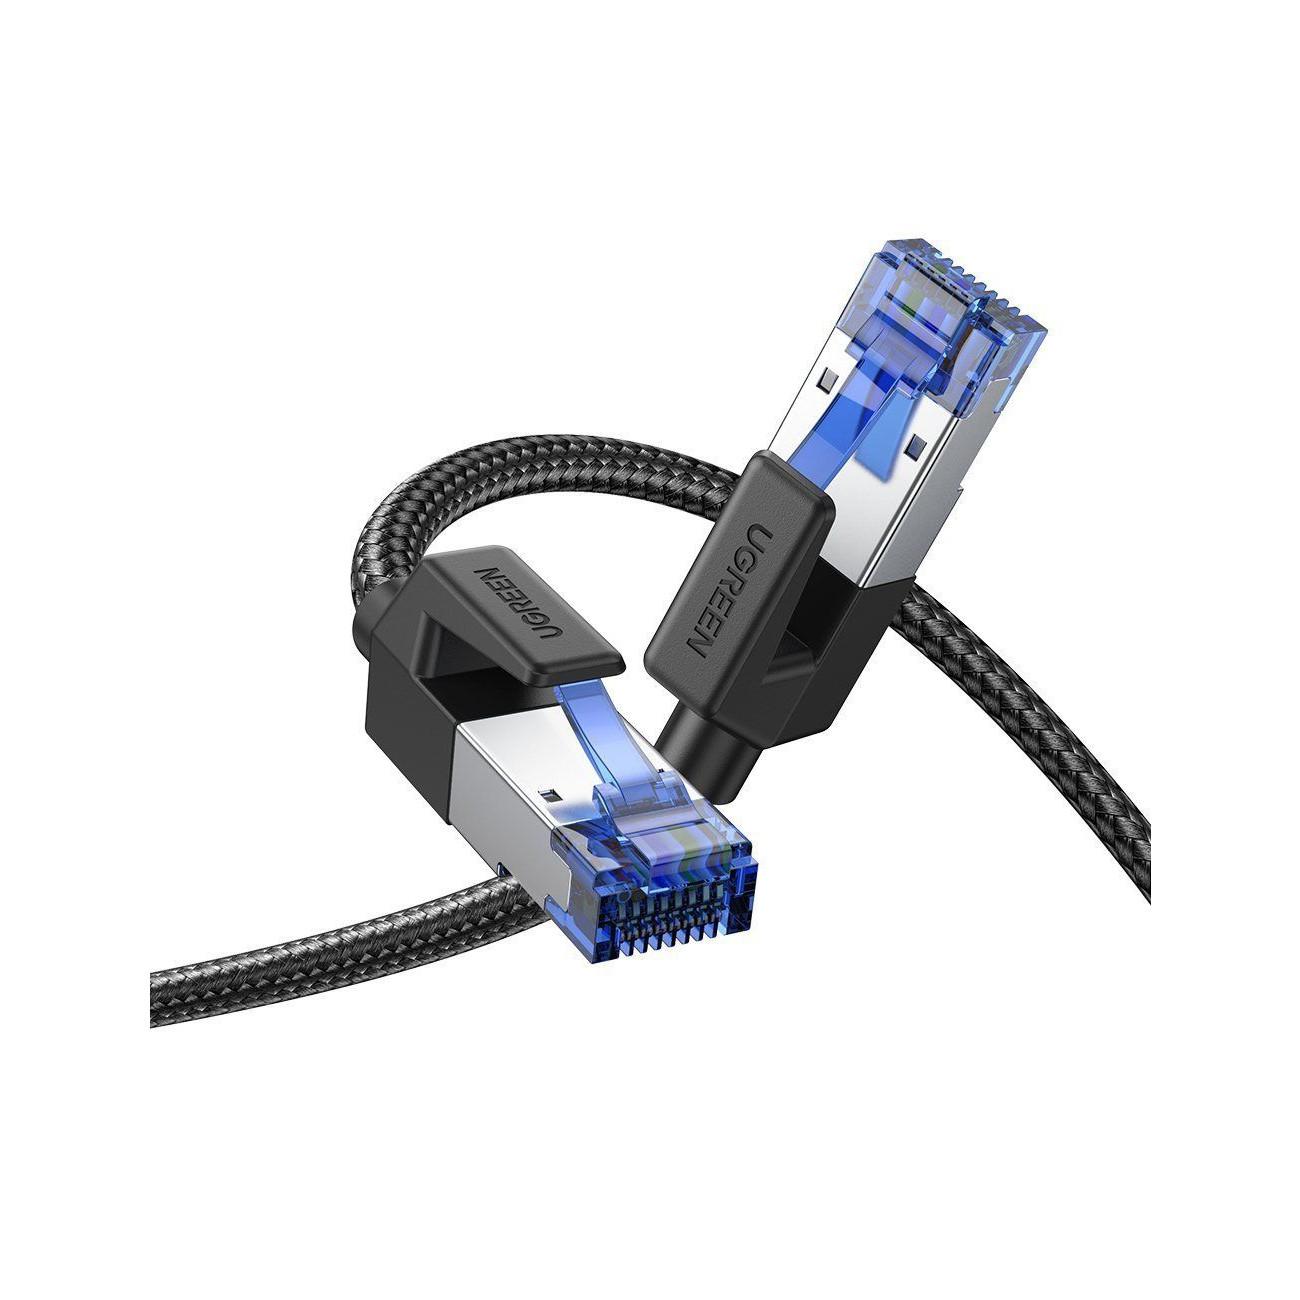 Cáp nối mạng Lan 1M CAT8 Shielded giữa các máy tính Ugreen 80429 NW153 Hàng Chính Hãng